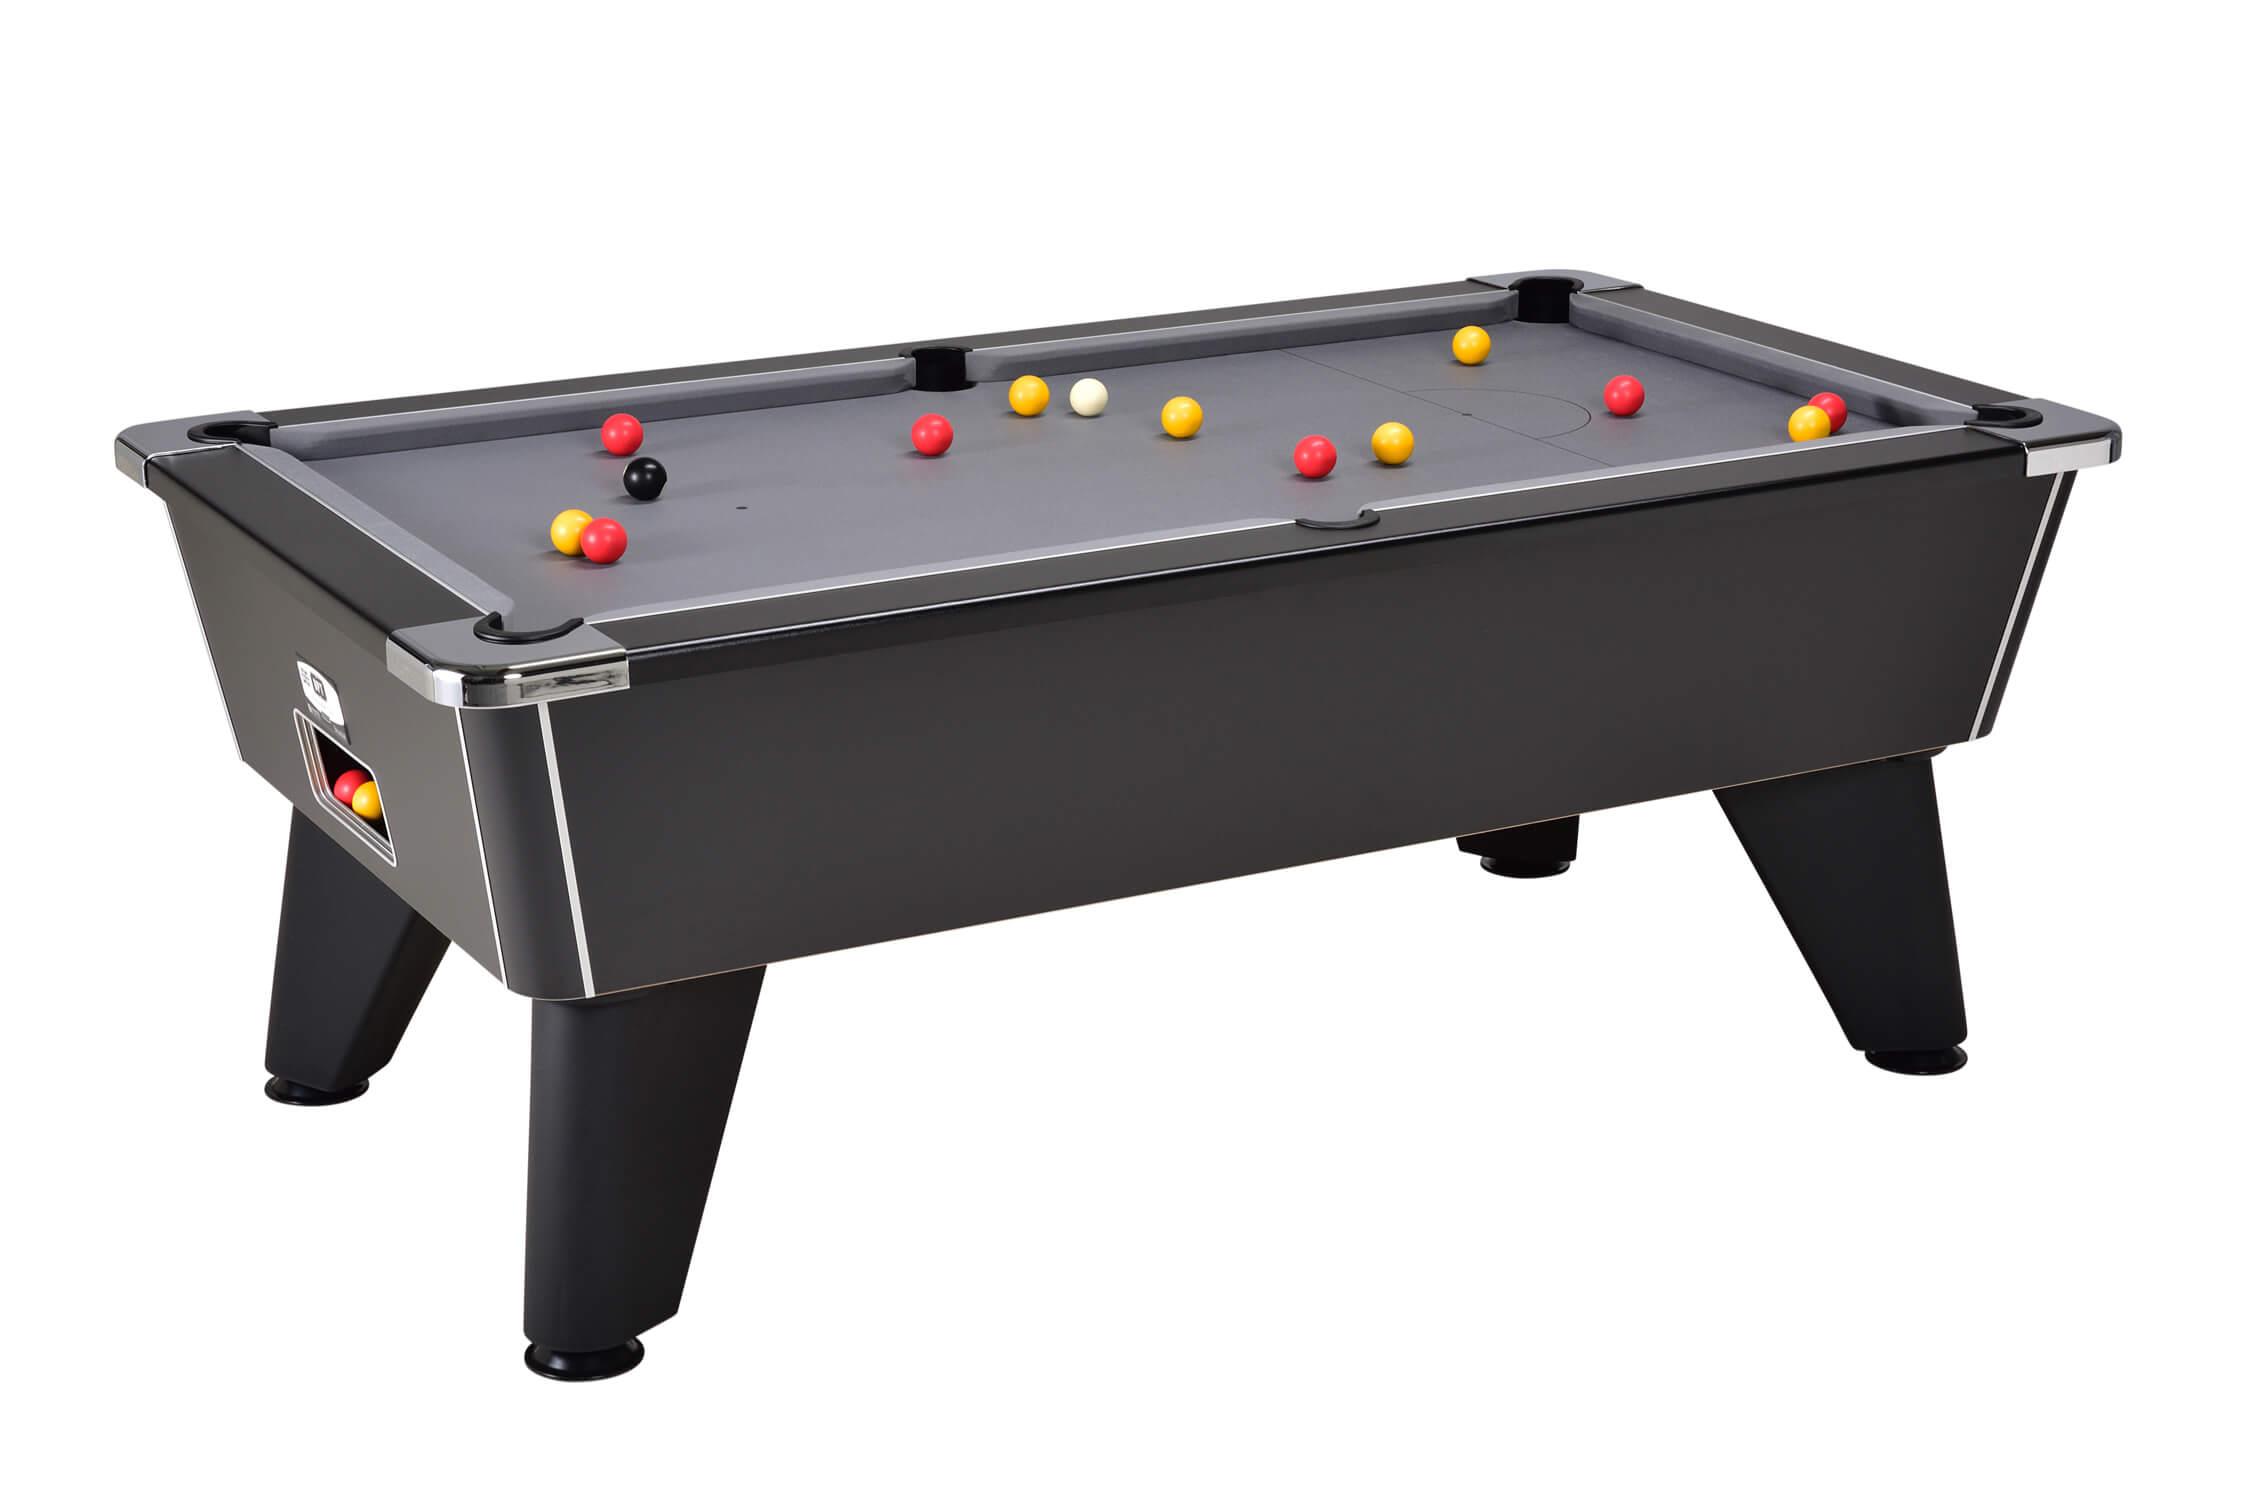 Omega 2.0 Freeplay Pool Table – Black